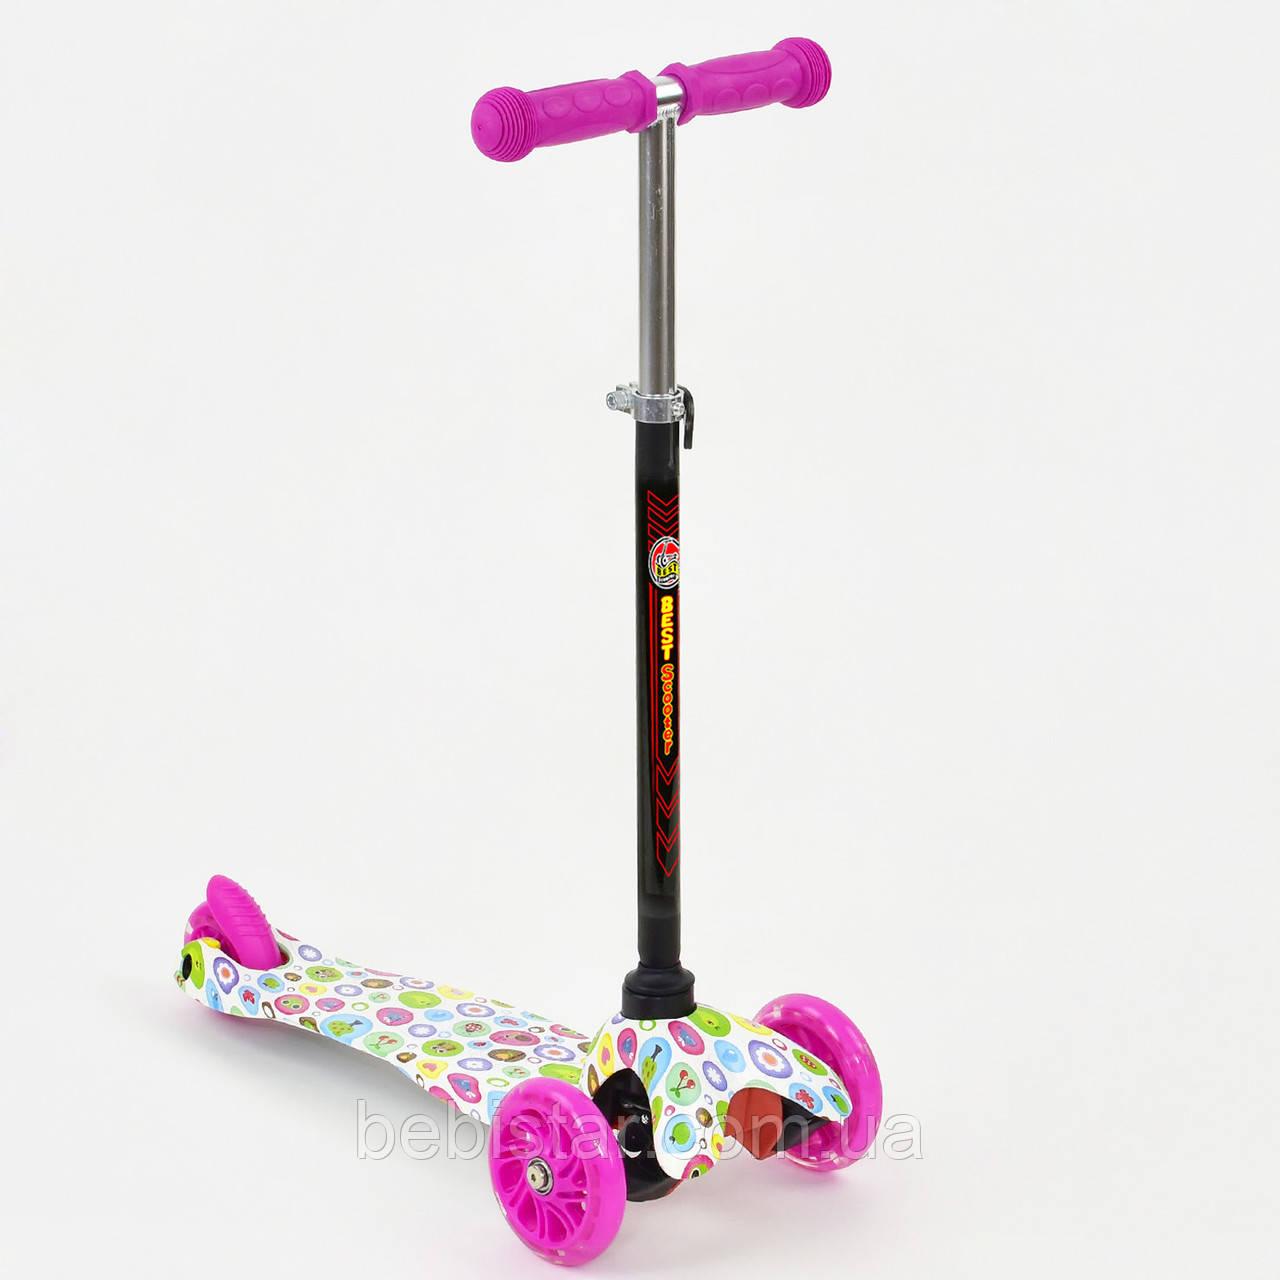 Самокат детский трехколесный со светящимися розовыми колесами белый от 2 до 5 лет